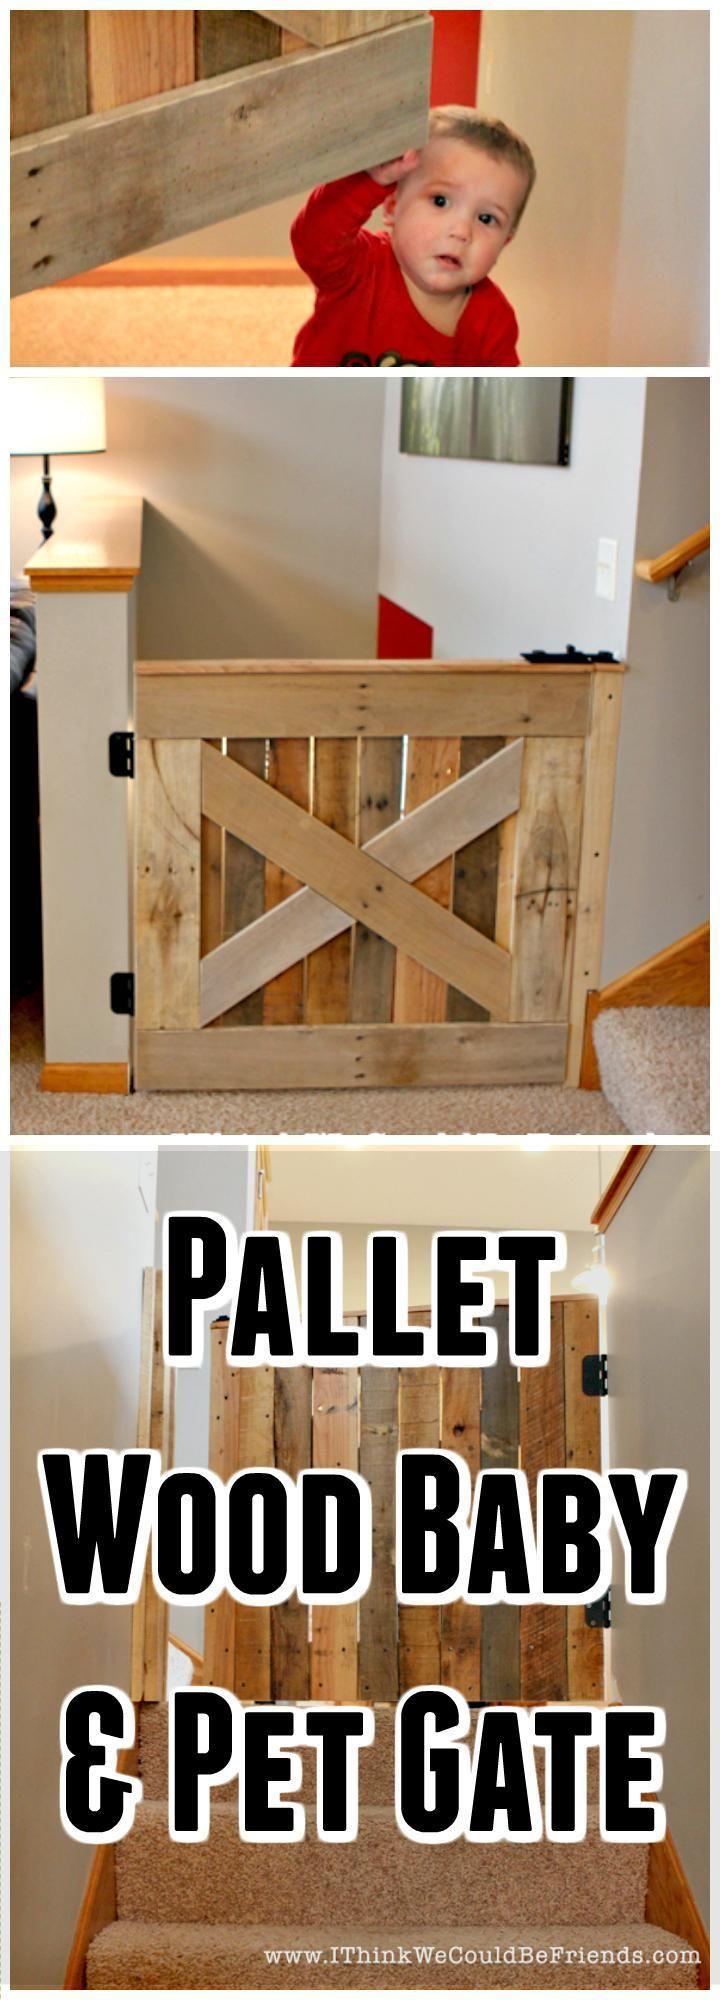 Pallet Wood Baby/Pet Gate - 30 Best DIY Baby Gate Tutorials on Cheap Budget   DIY & Crafts